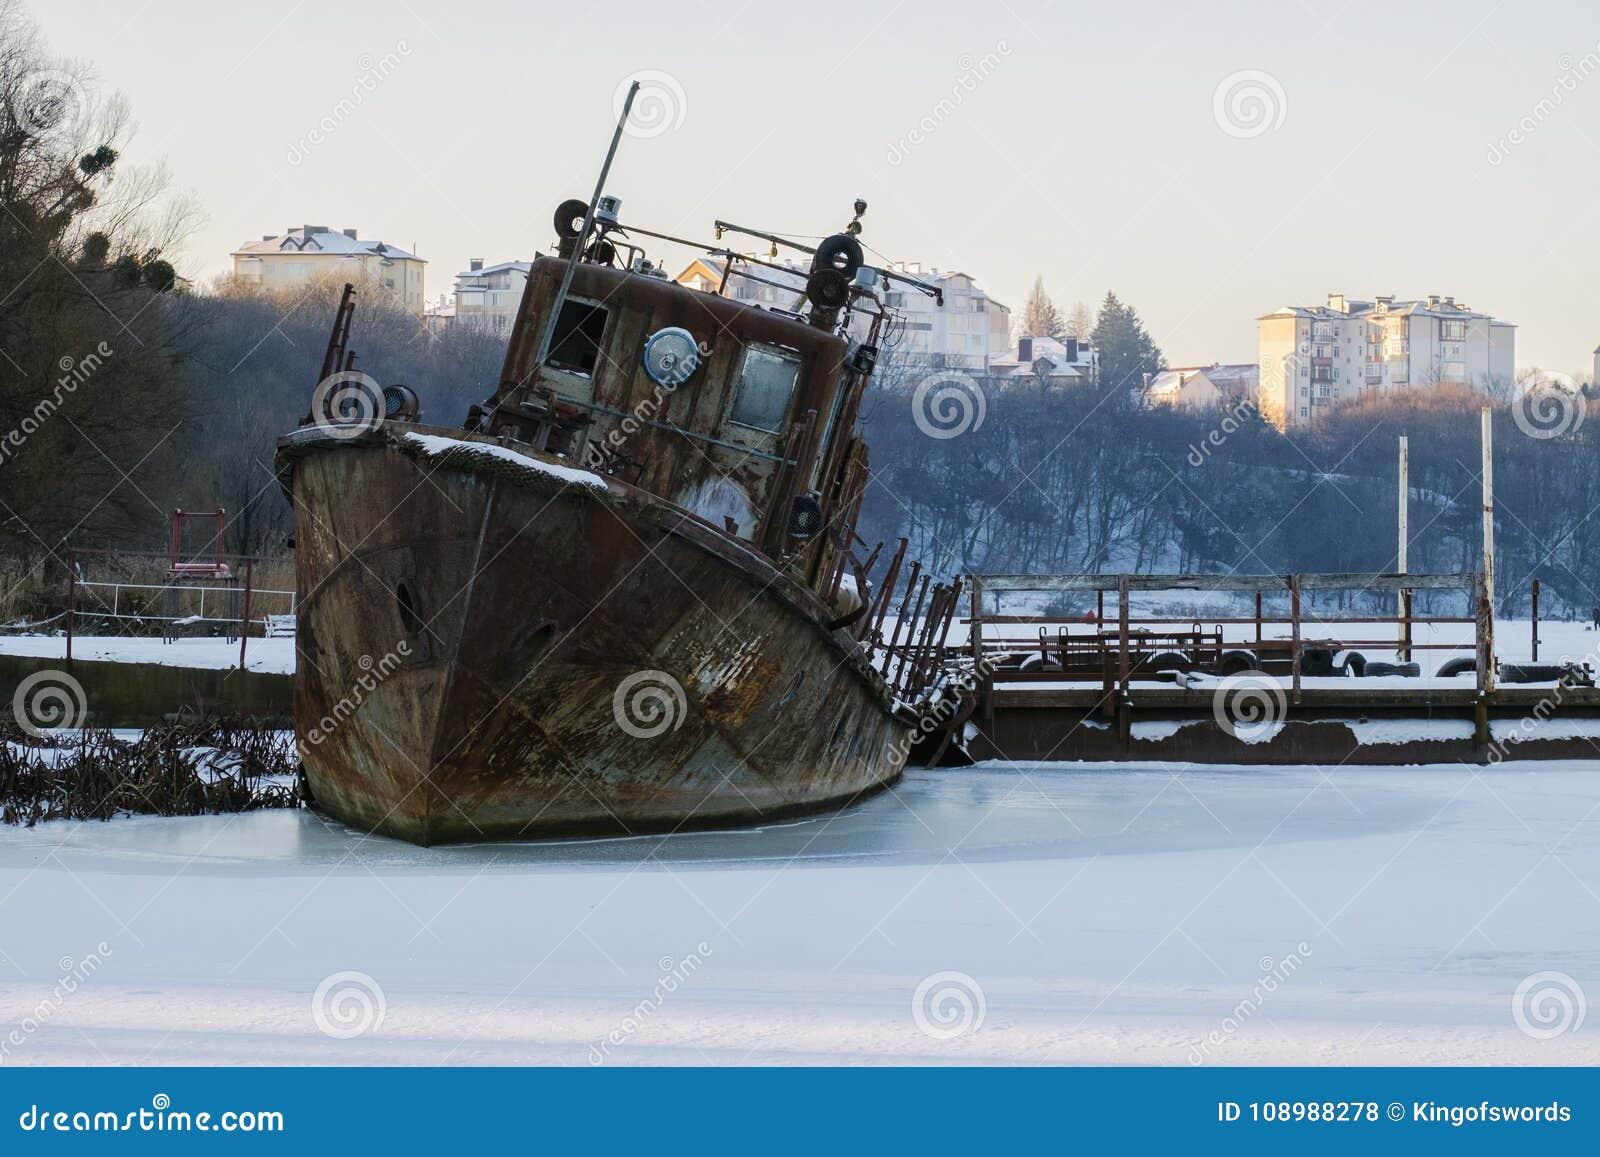 Bote de salvamento oxidado viejo congelado en el hielo